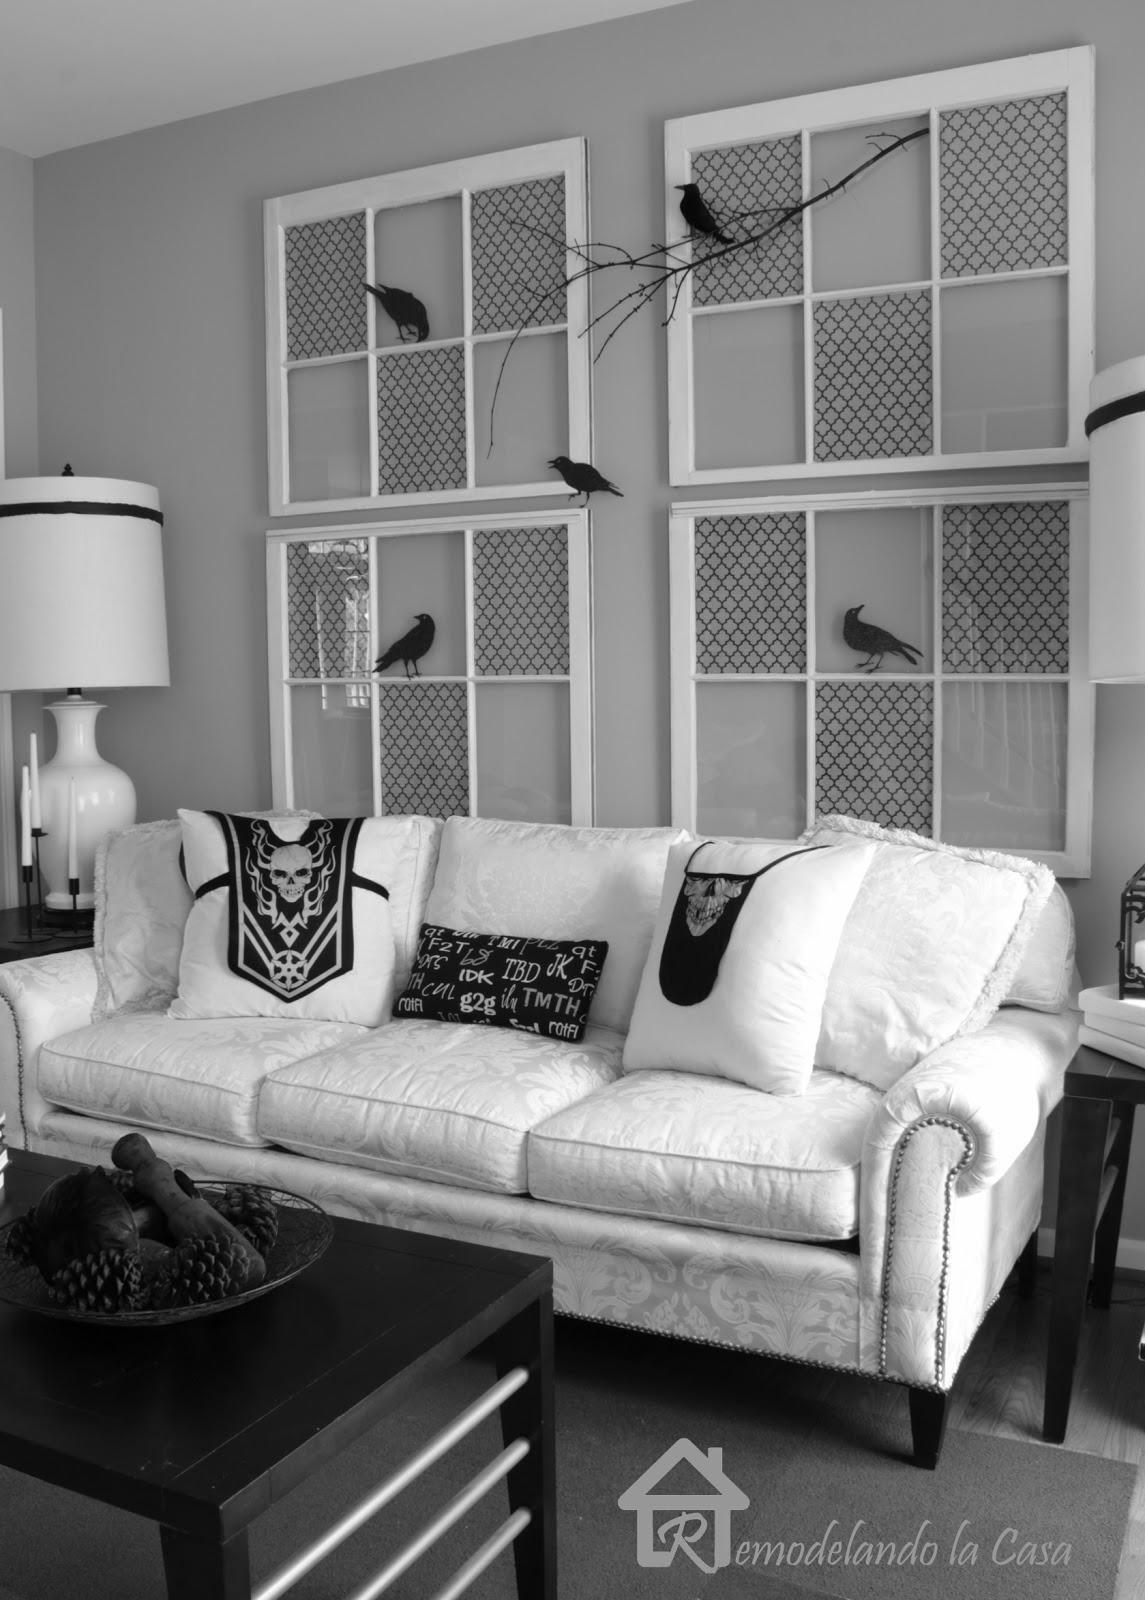 Halloween Home Decor - The Easy Way - Remodelando la Casa